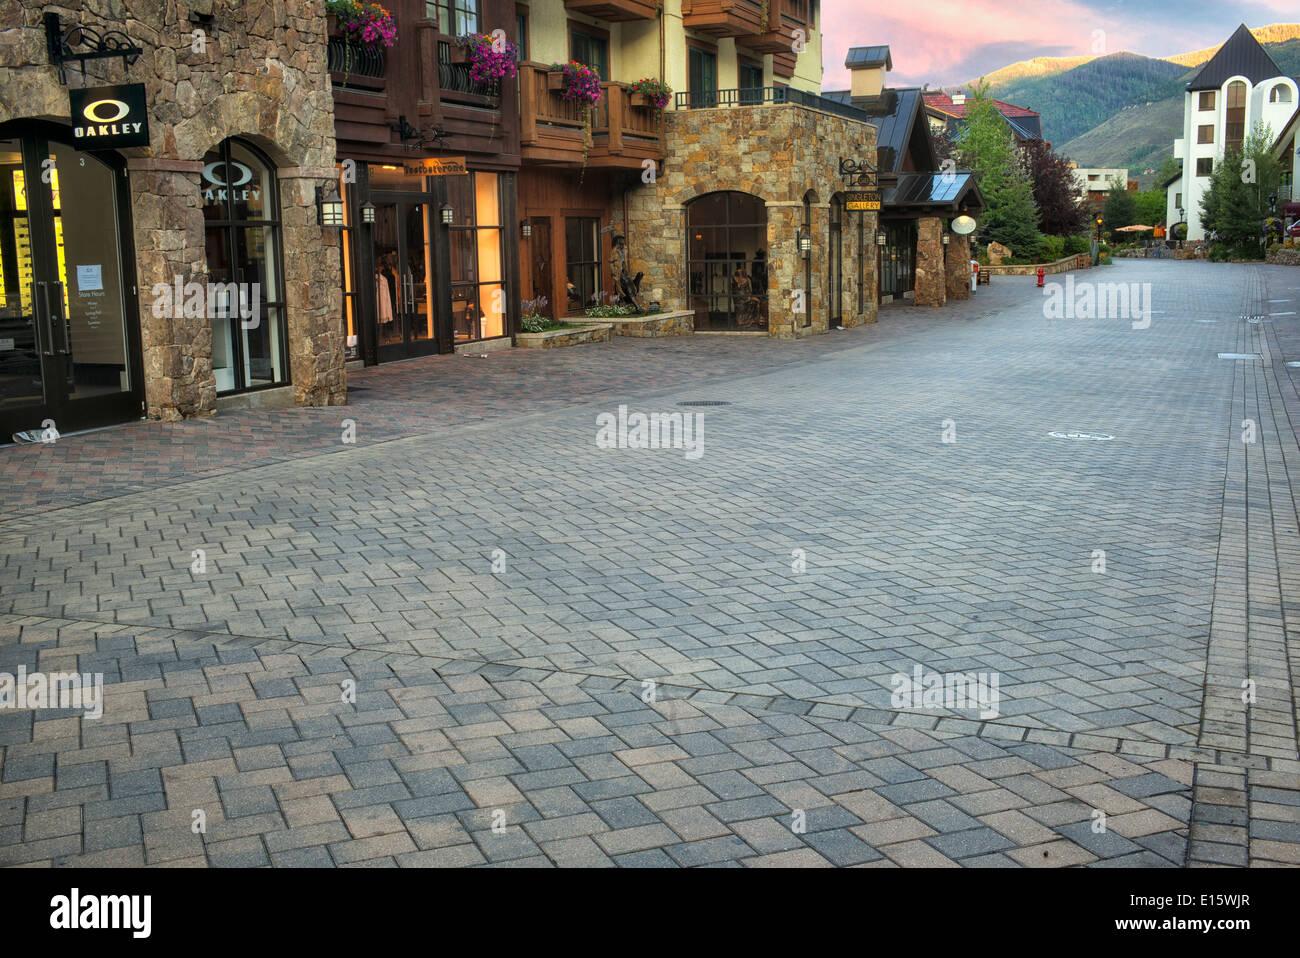 Chaussée de pierre, à Vail Village. Vail, Colorado Banque D'Images